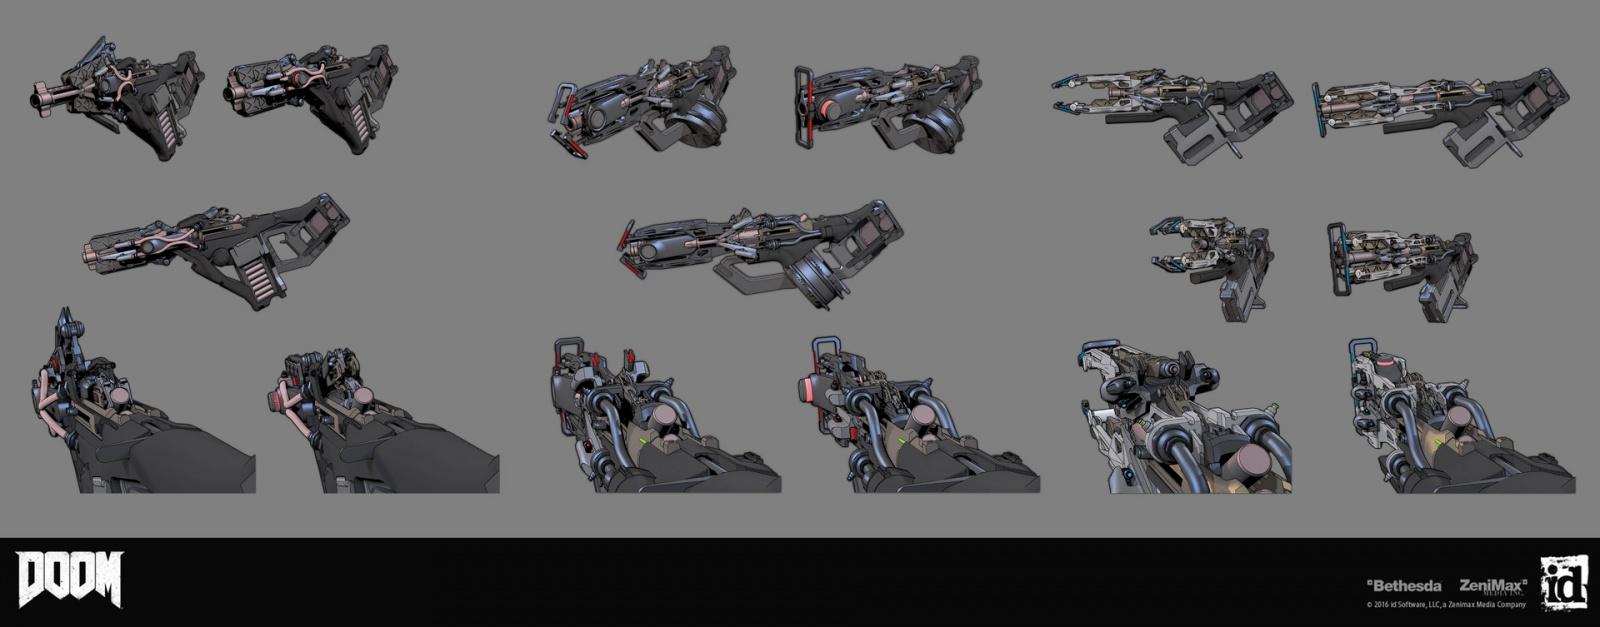 Как создавались пушки для Doom - 8